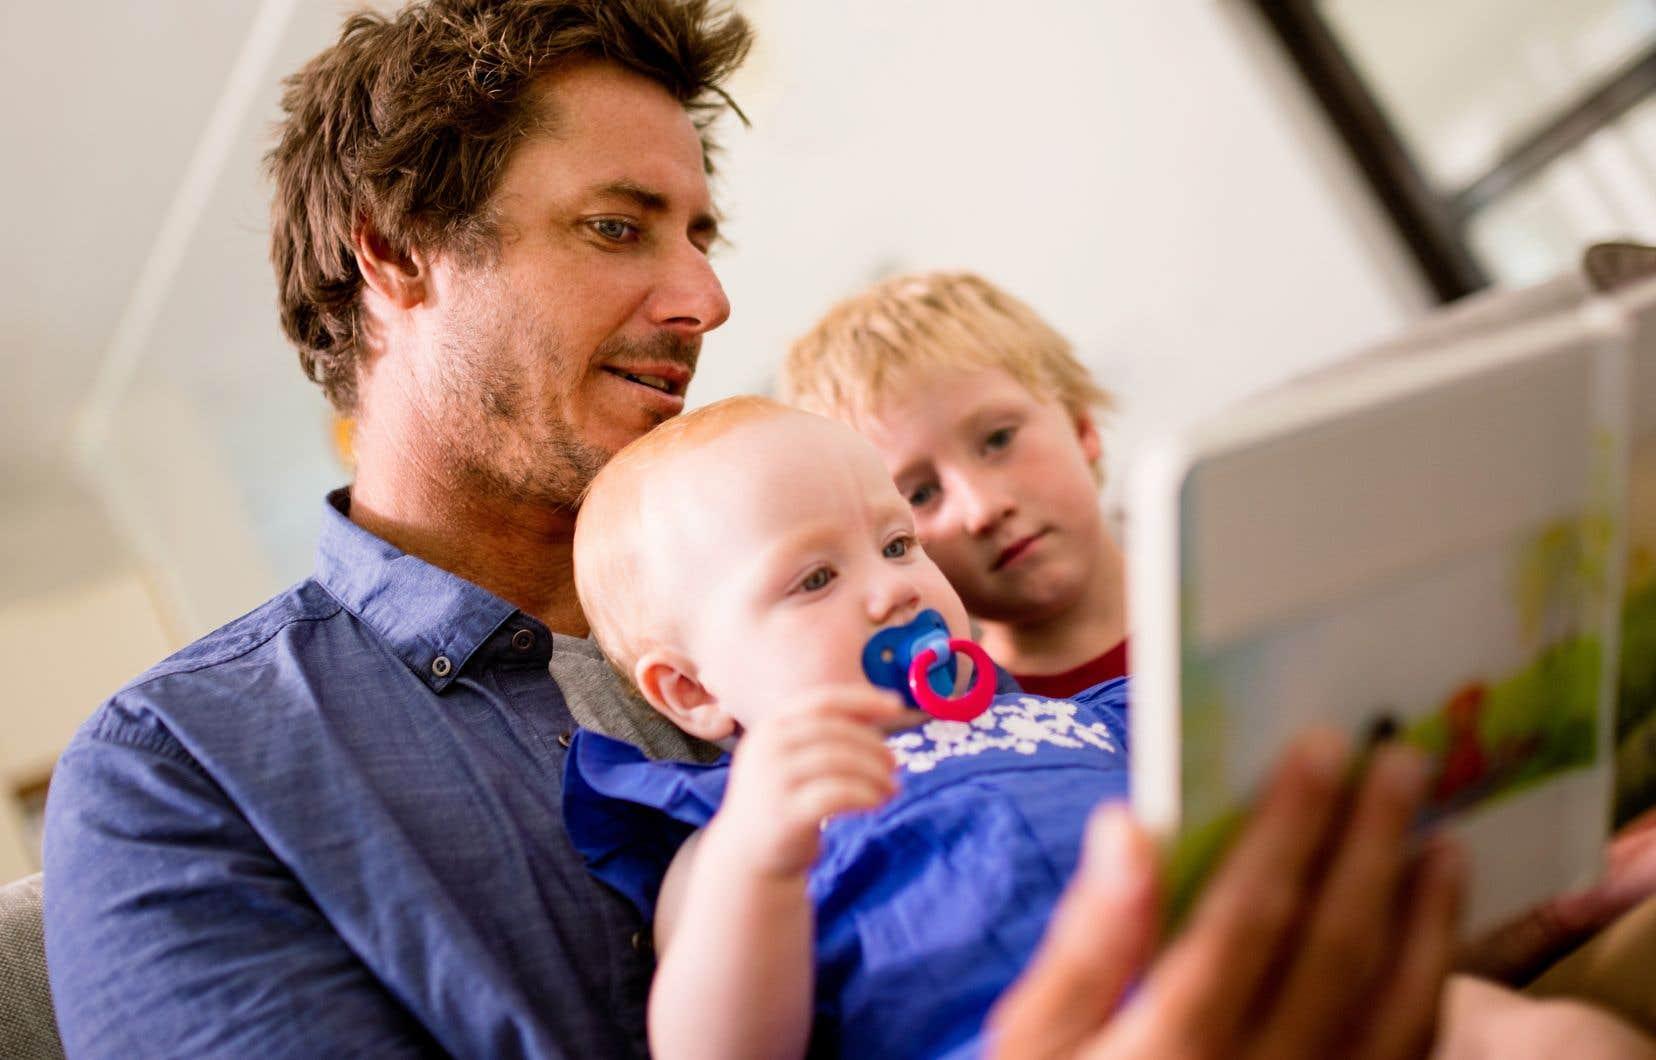 «N'attendez pas de miracle de l'école: lisez avec vos enfants: ils vous rendront les rêves que vous leur aurez donnés», croit l'auteur.